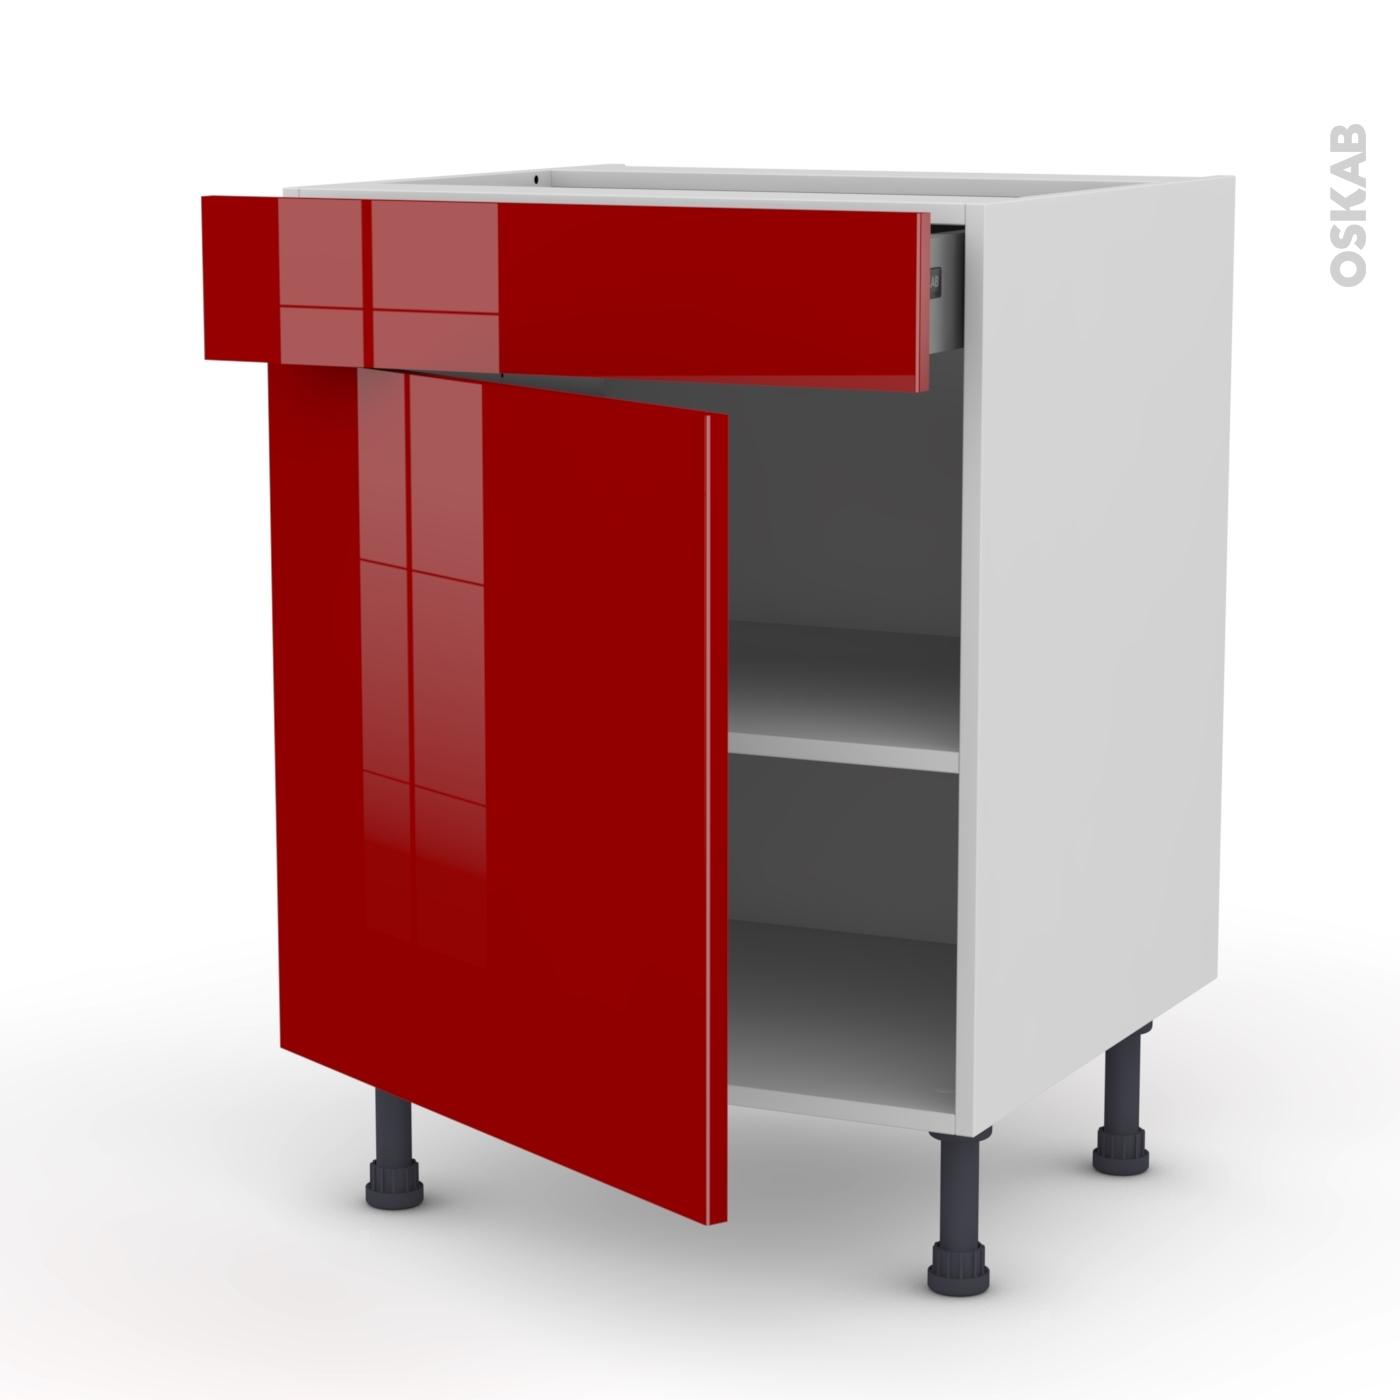 Meuble tiroir cuisine elia meuble de cuisine bas 1 porte - Meuble cuisine a tiroir ...